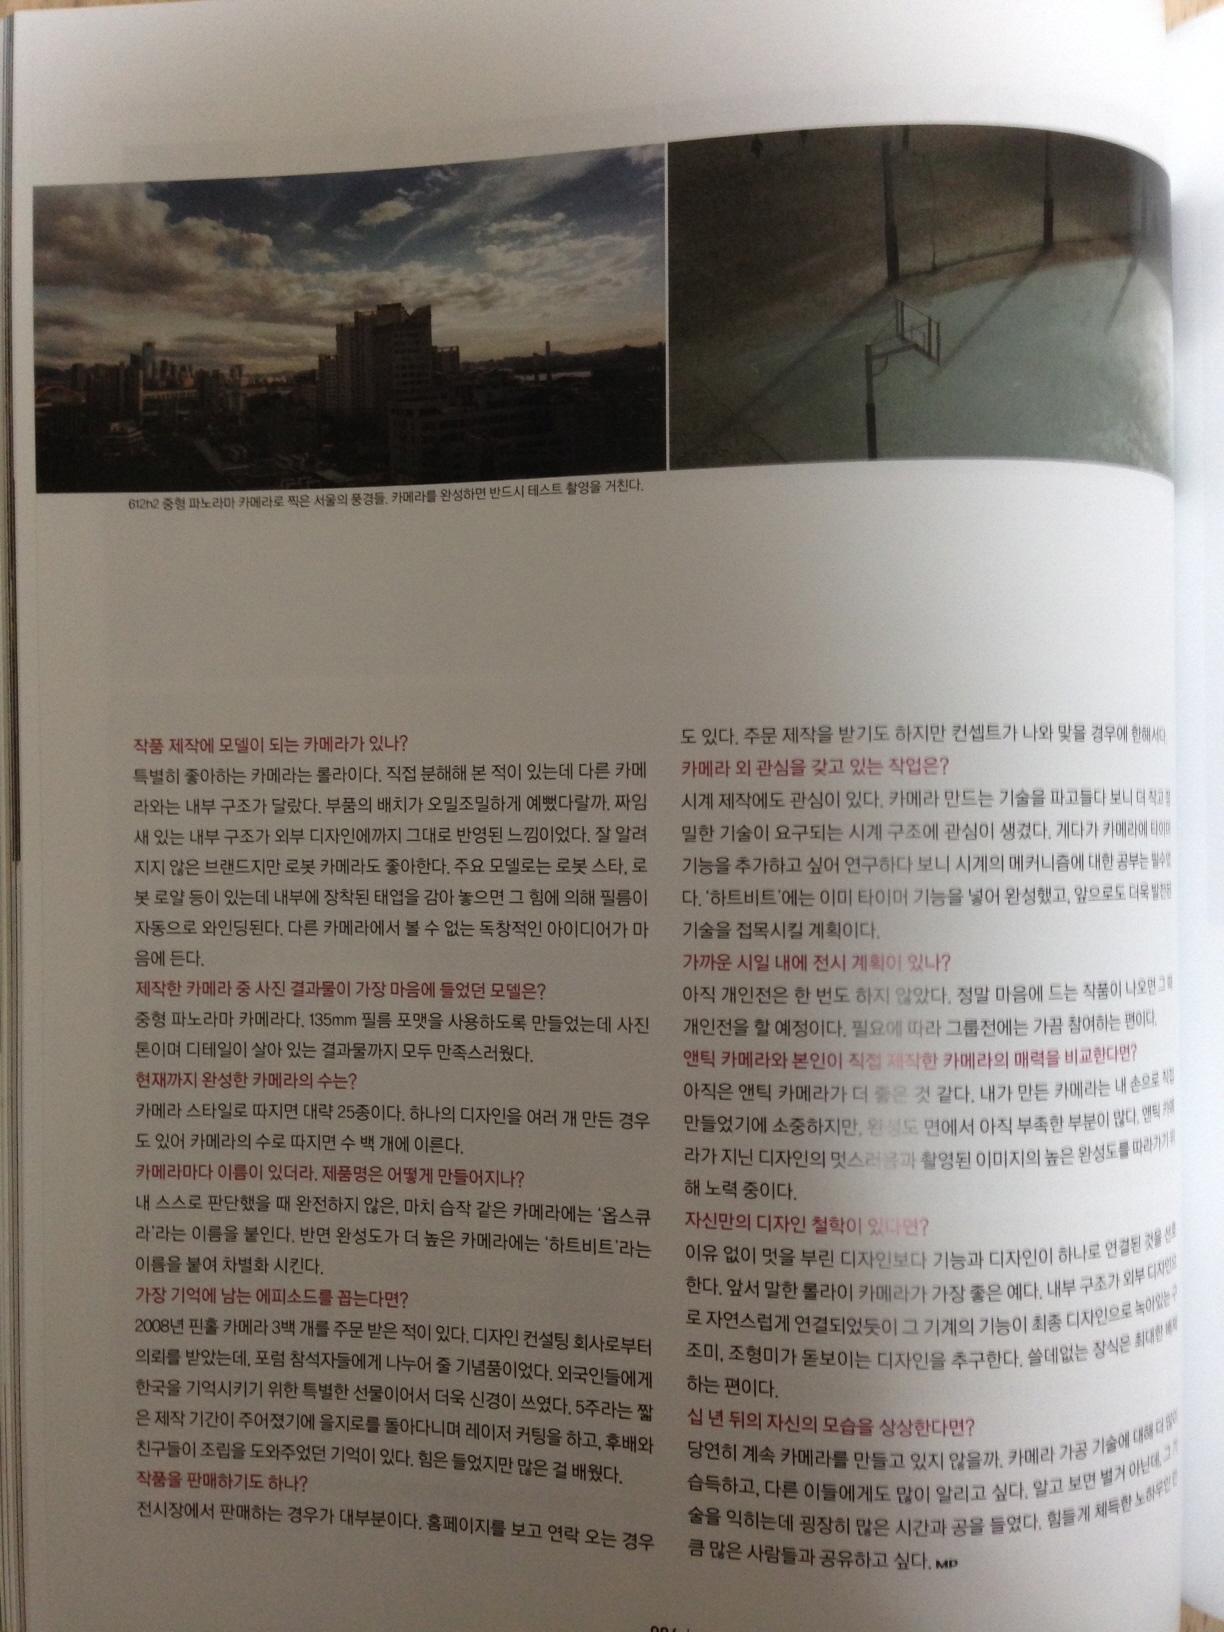 월간사진4월호사진 1 (3).JPG